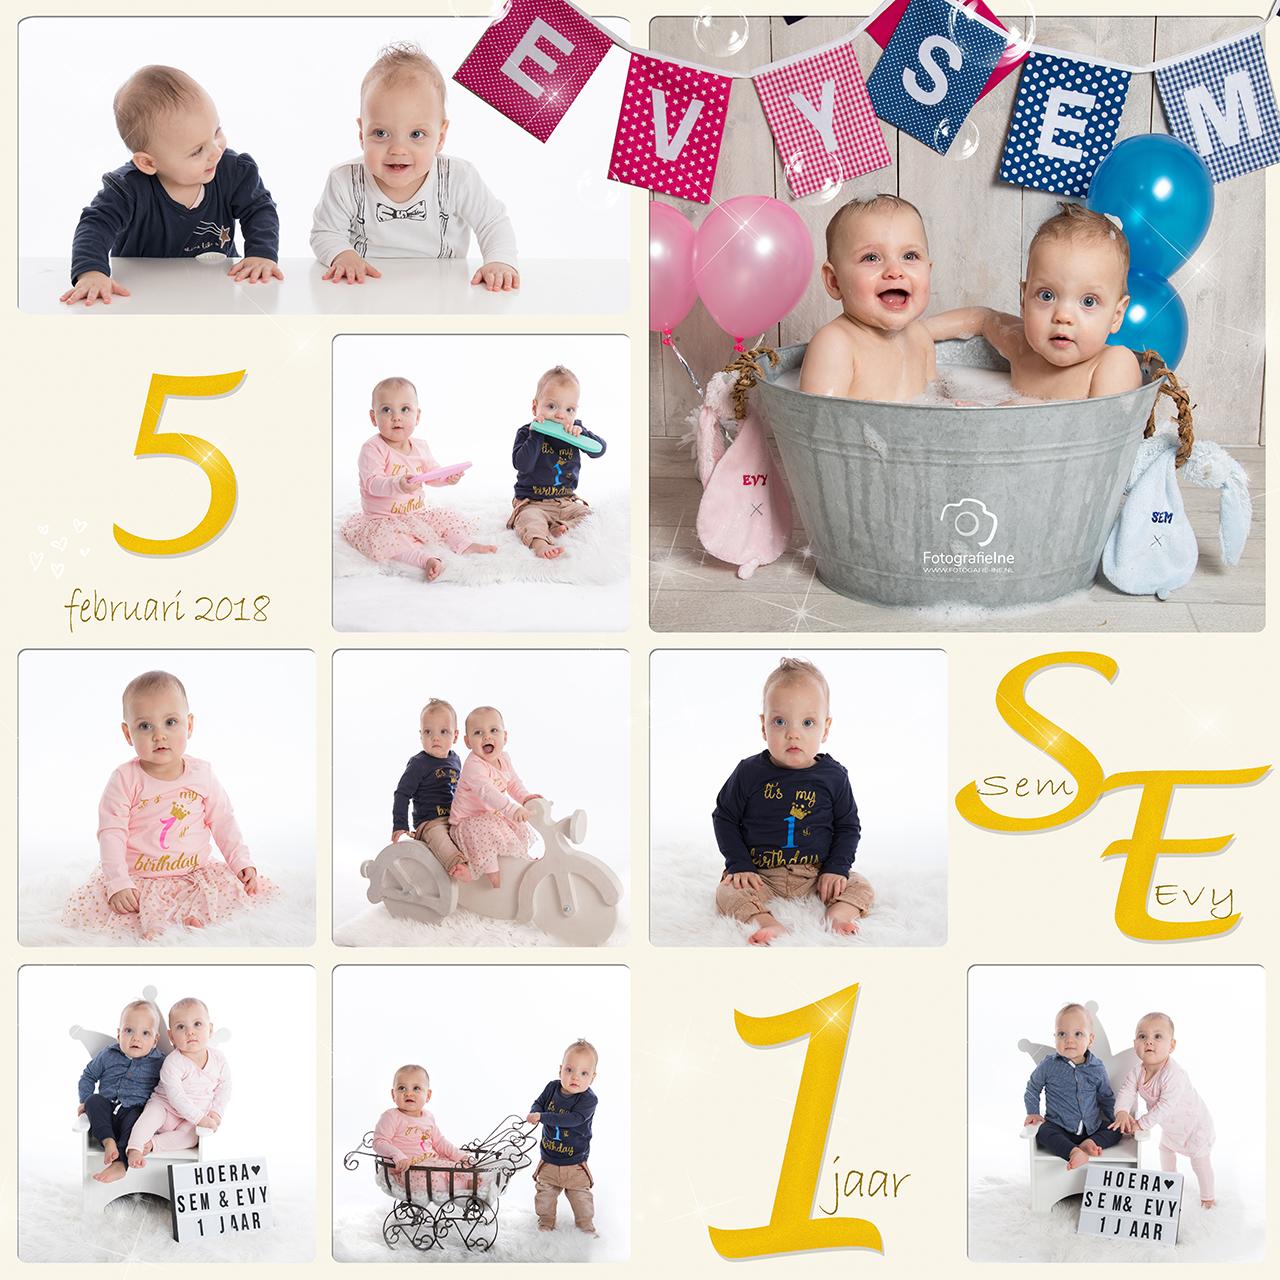 Fotografie Ine verjaardag fotoshoot 2-ling Evy en Sem